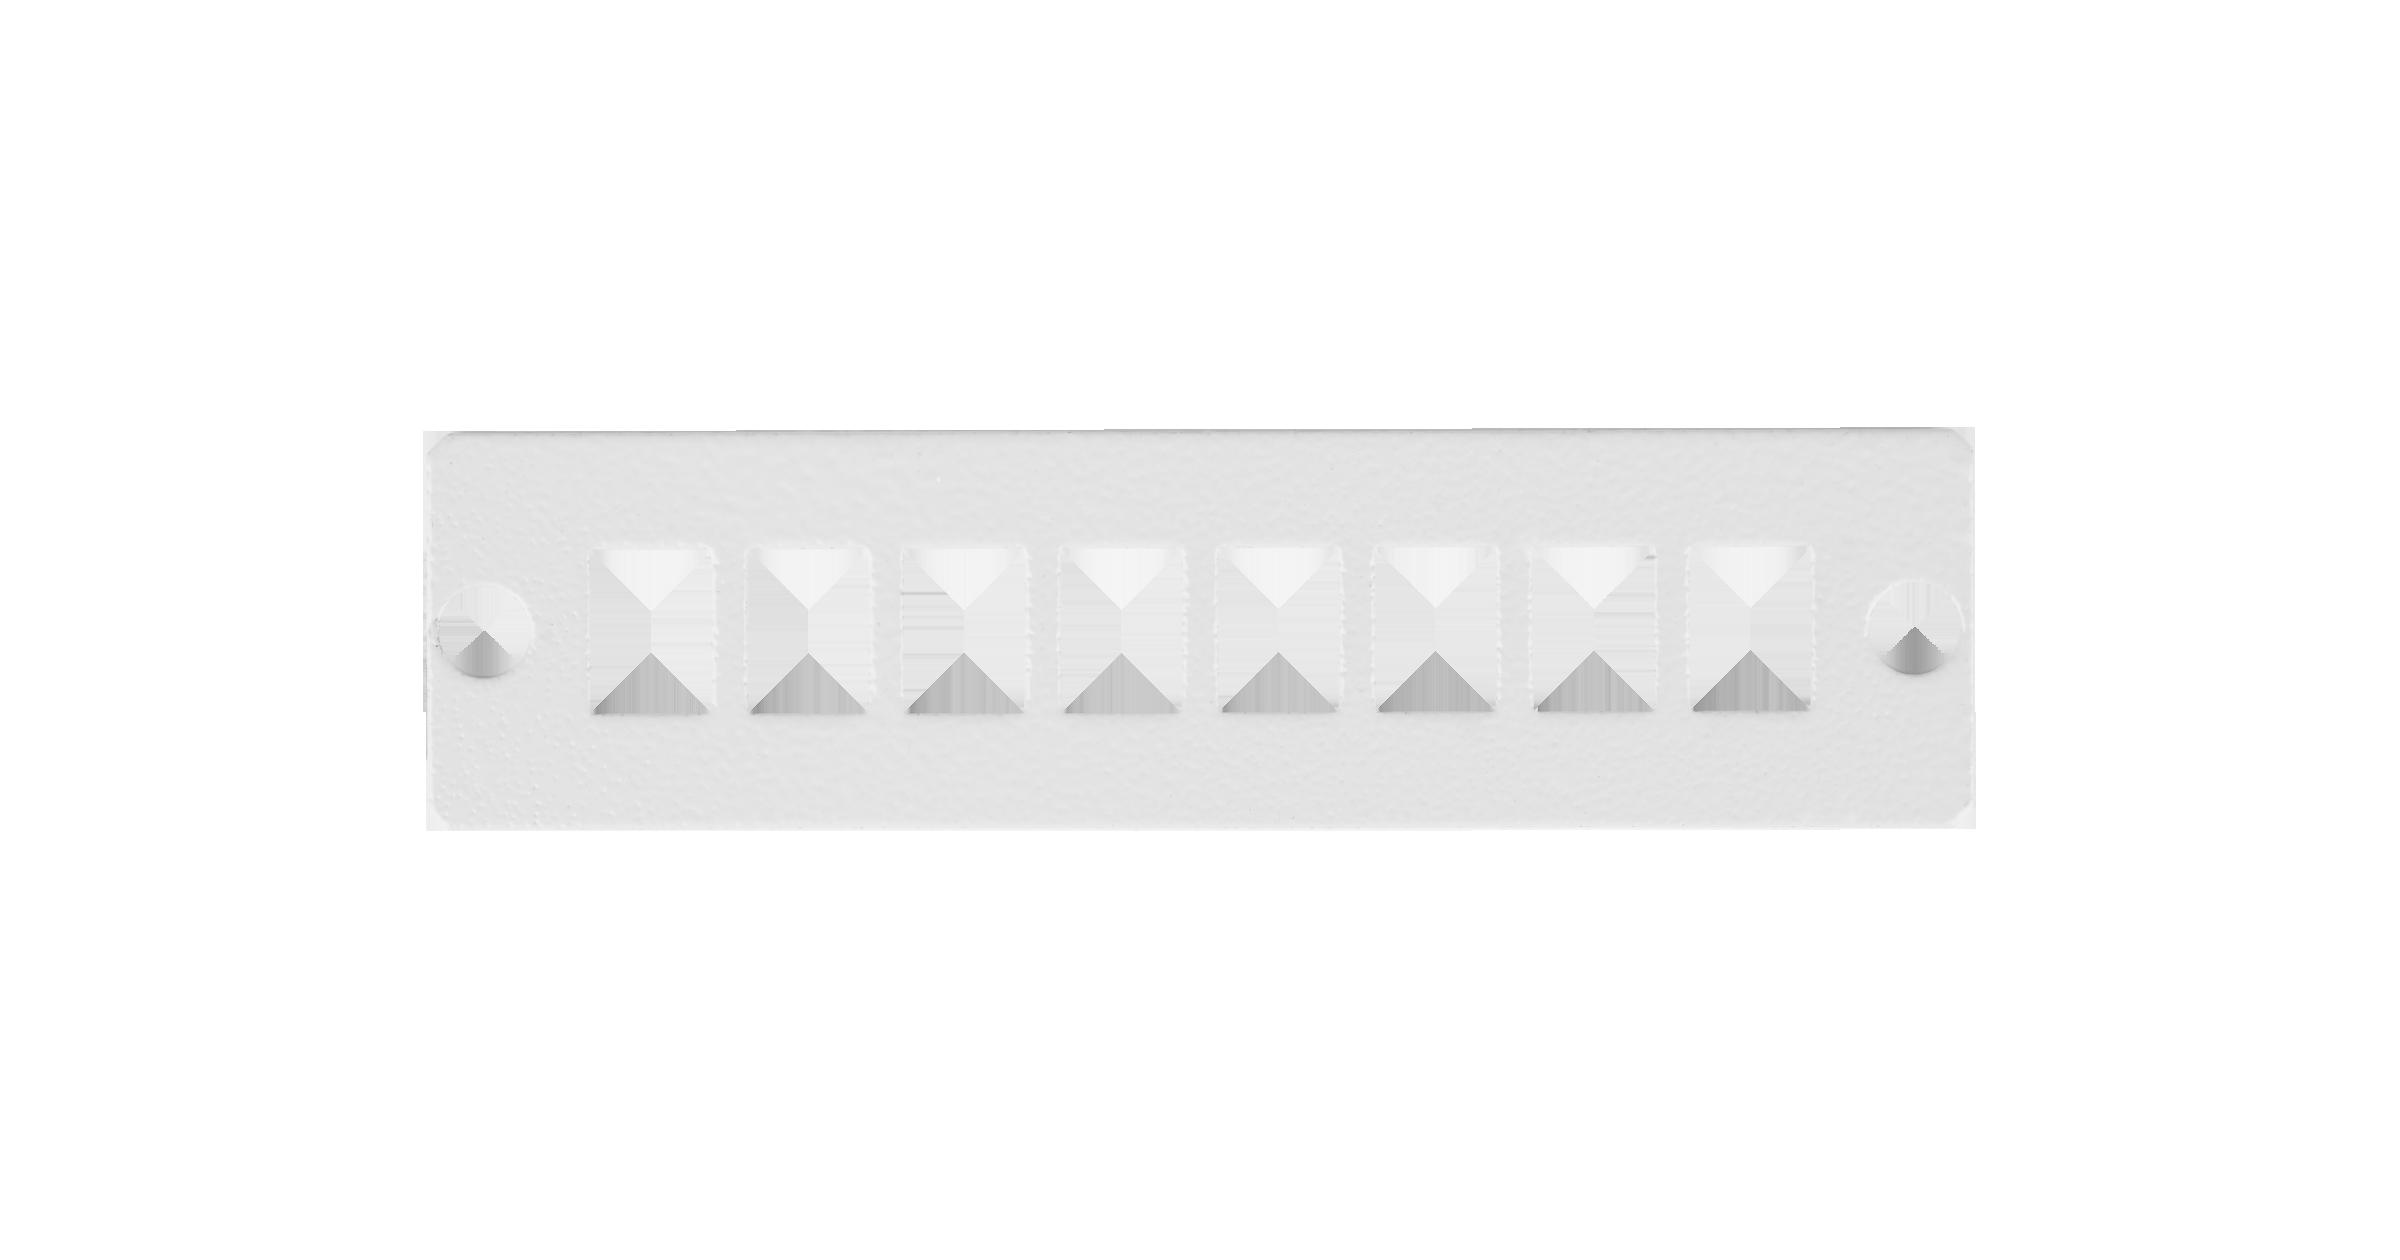 Адаптерная панель NIKOMAX, до 8 одинарных адаптеров SC / двойных адаптеров LC, стальная, серая